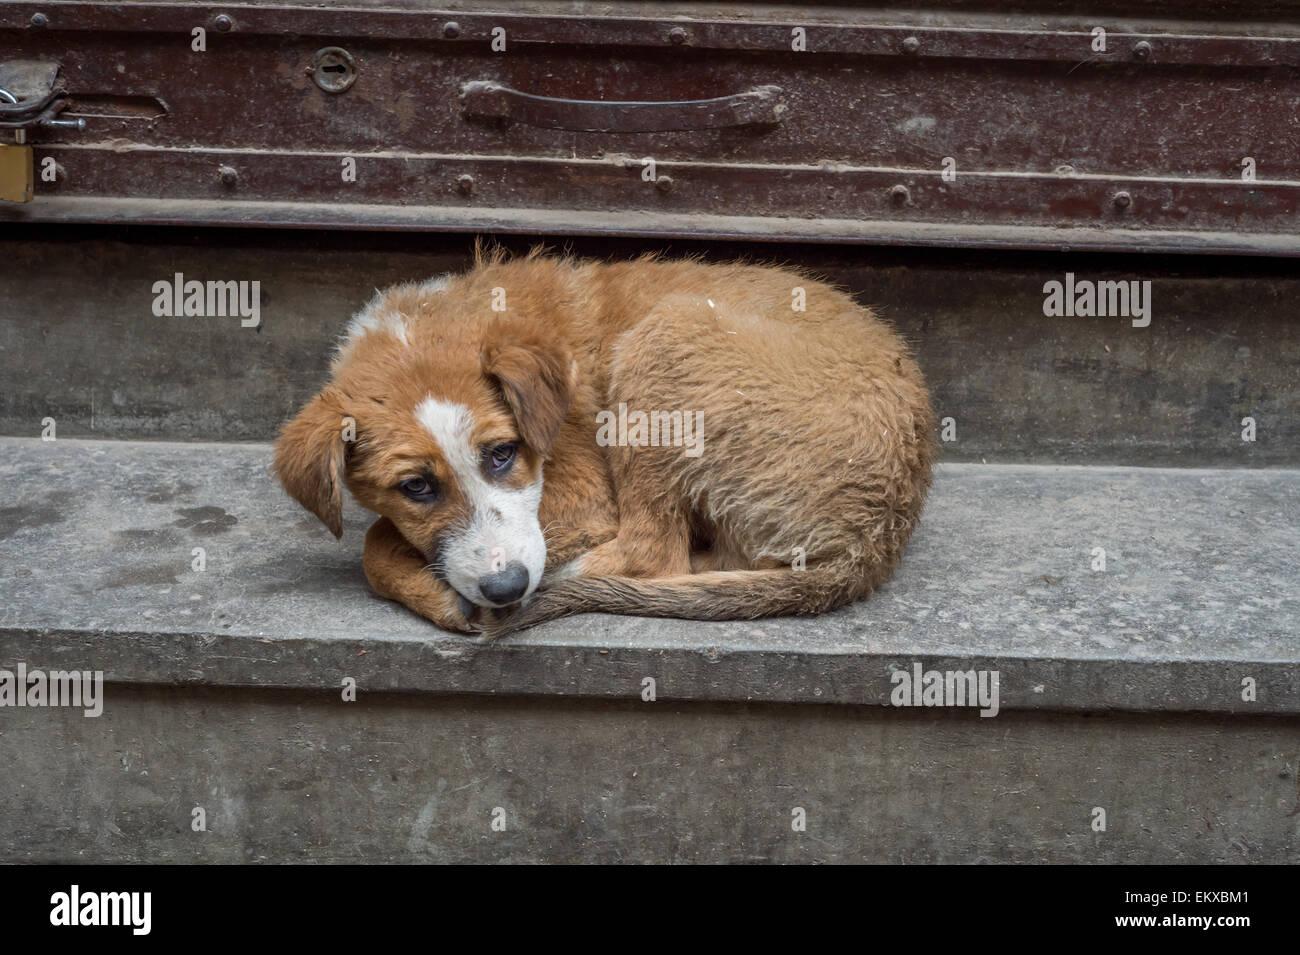 Abandoned Wet And Sad Dog Under The Rain In Kathmandu